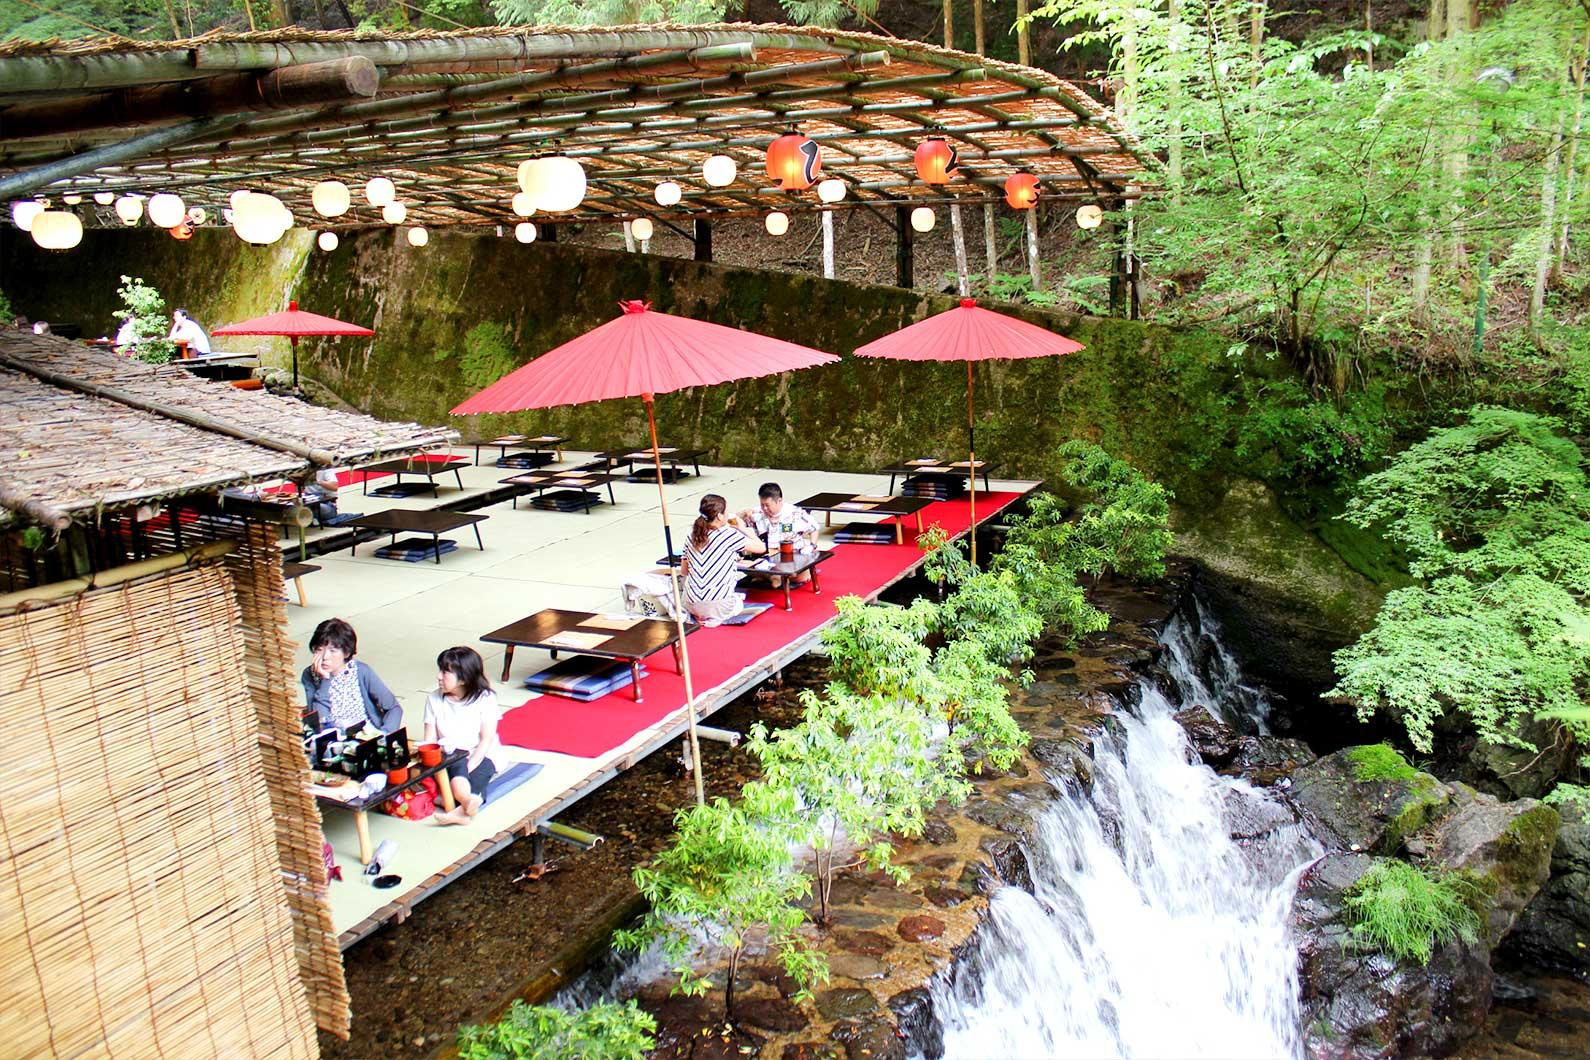 Kawadoko Restaurant Hirobun in Kibune